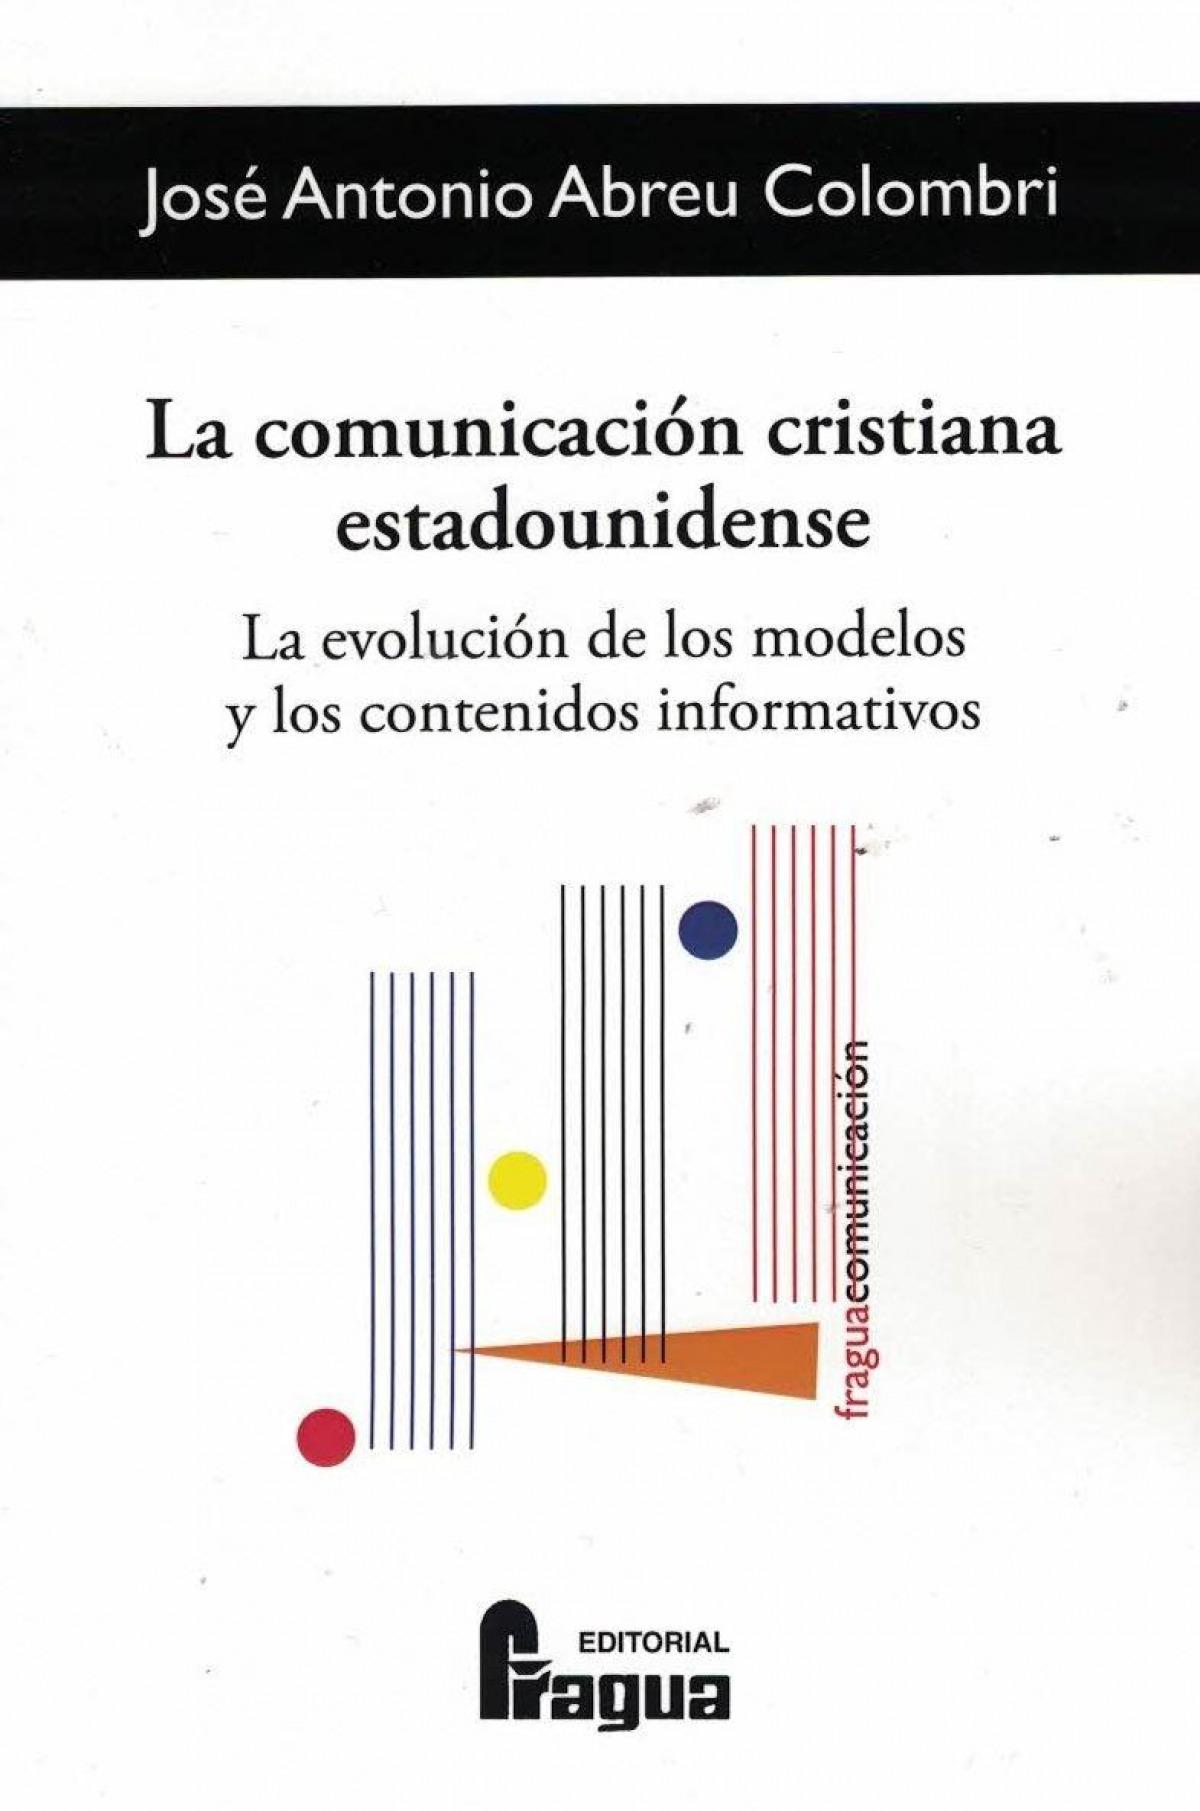 La comunicación cristiana estadounidense. La evolución de los modelos y los contenidos informativos.